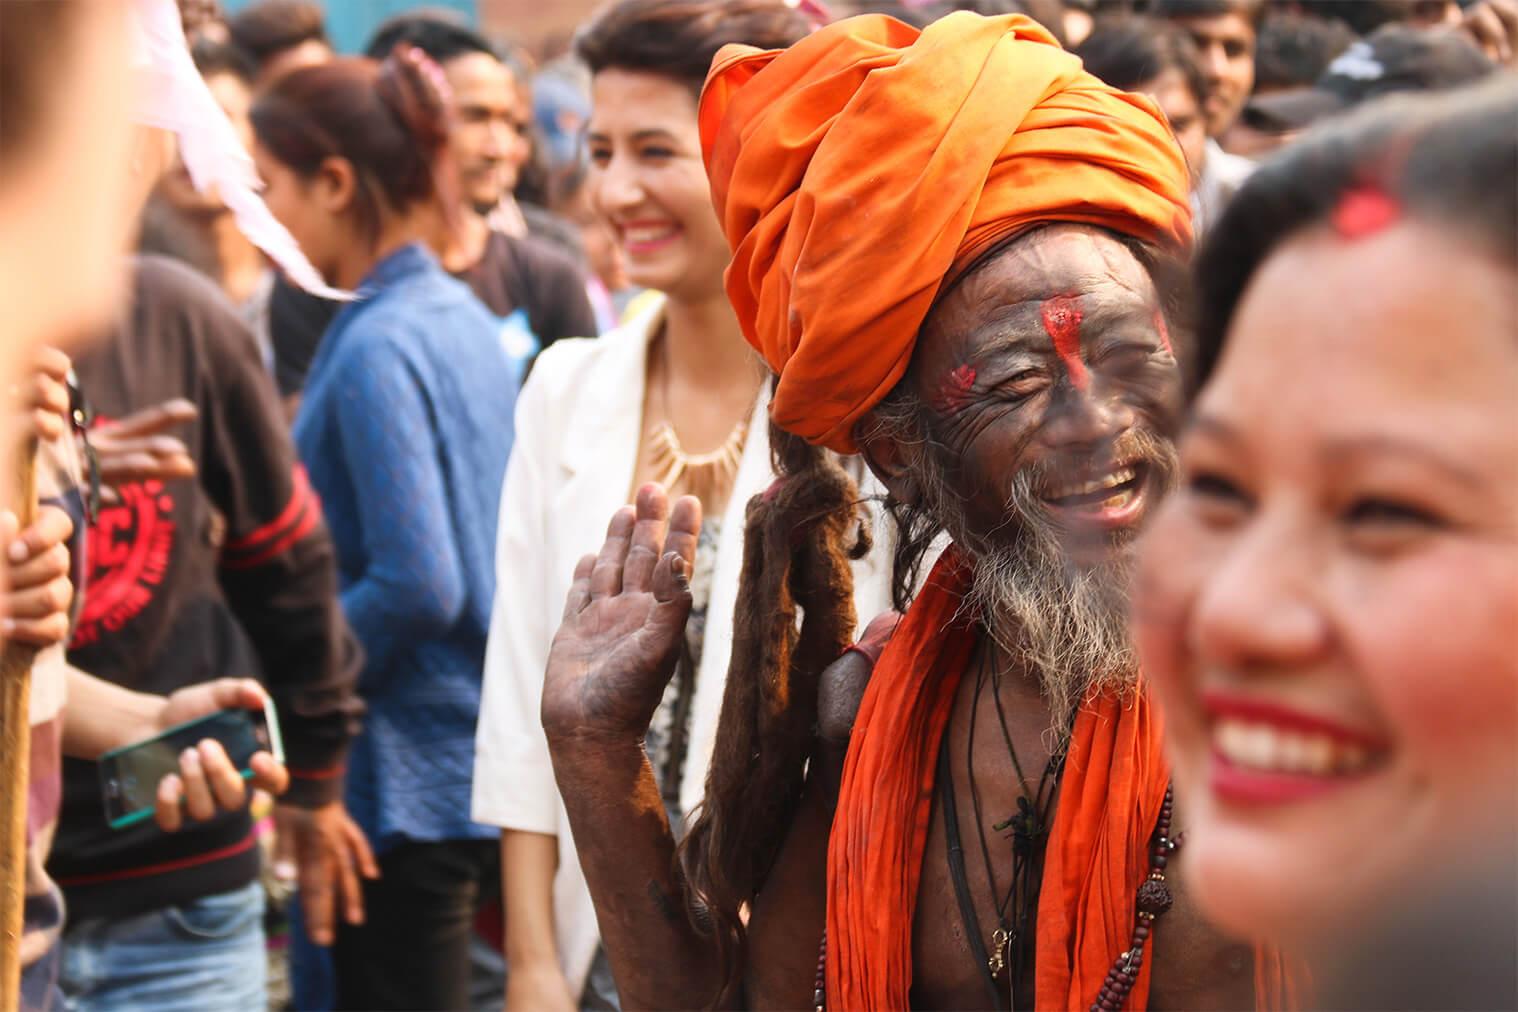 Šťastný nepálsky Nový rok!